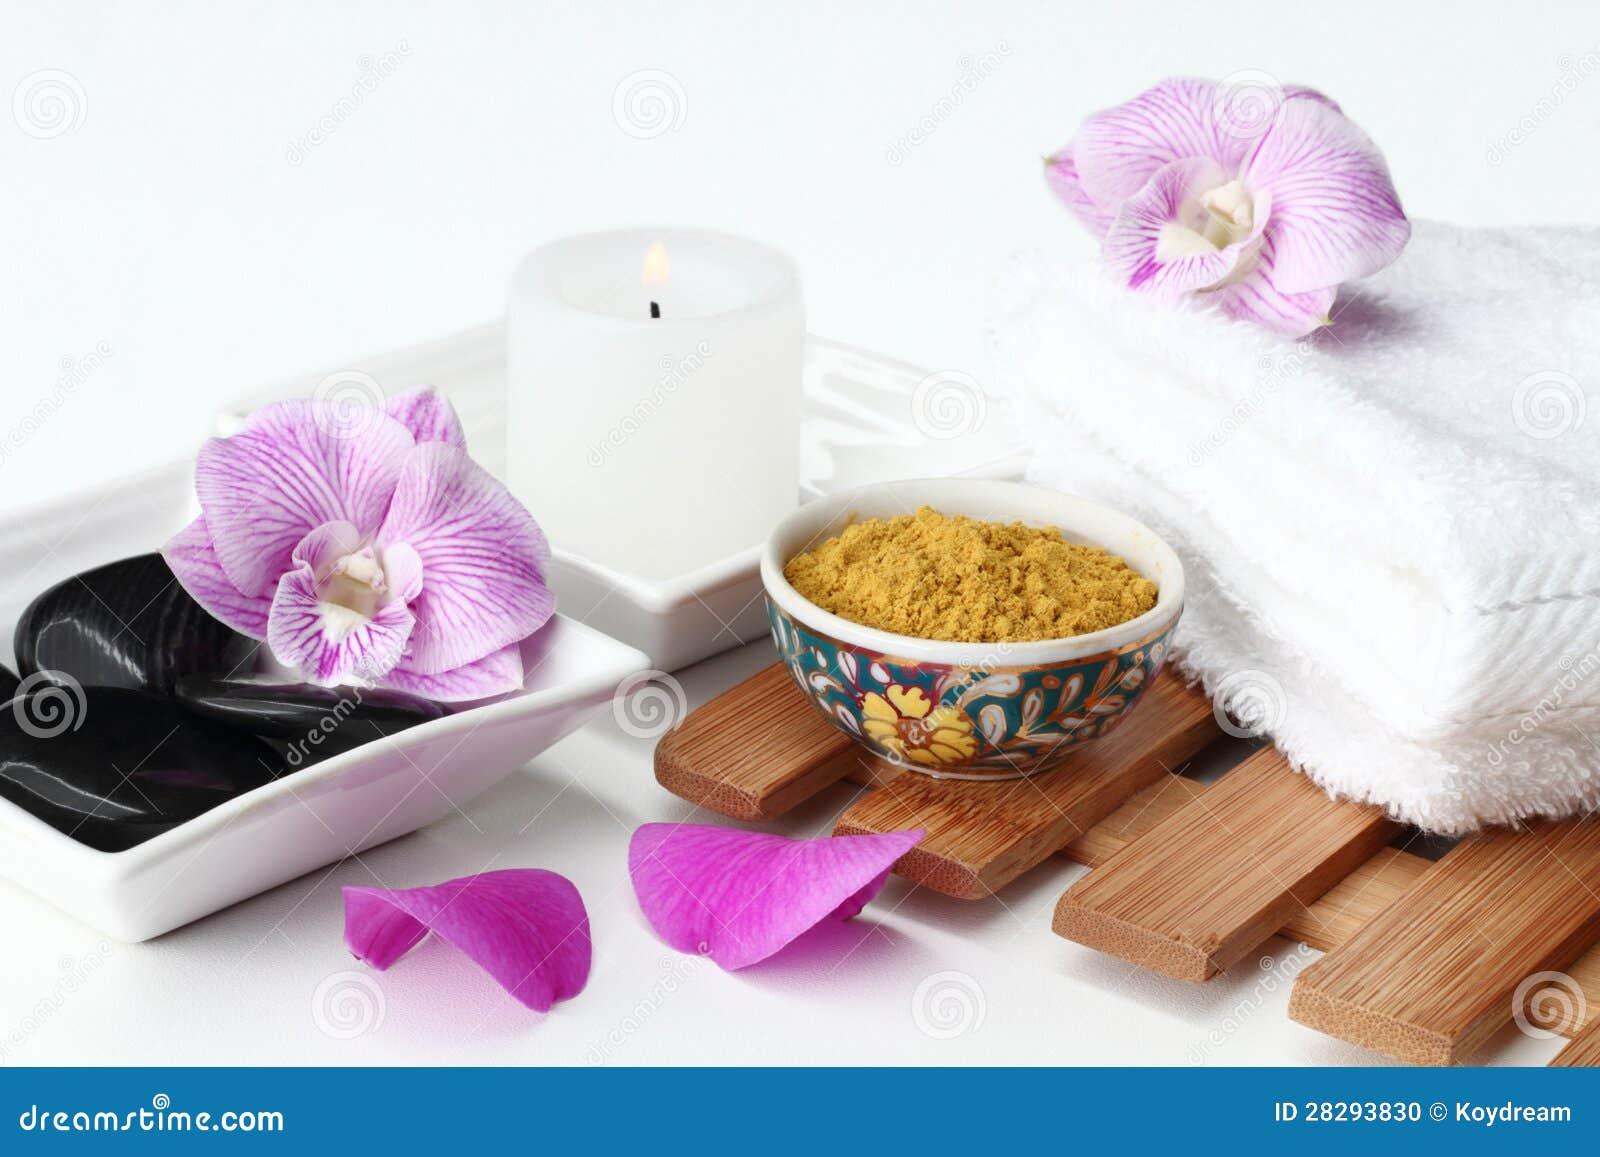 spa södertälje daisy thai